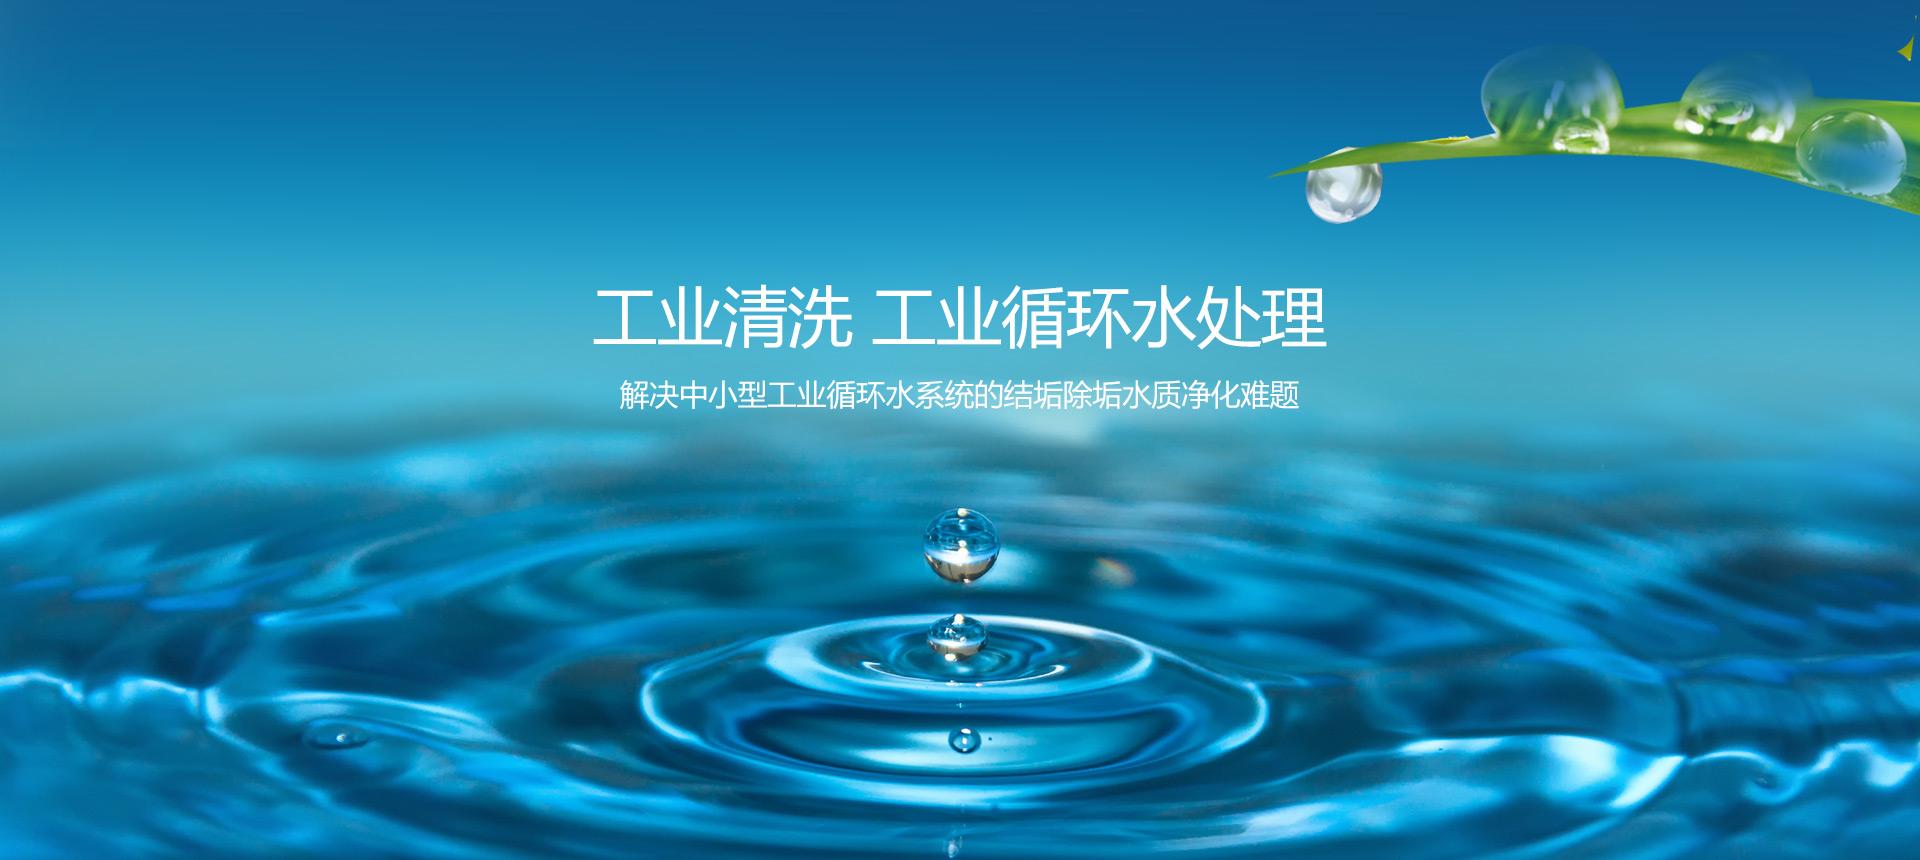 专业从事化学清洗、工业水处理以及空调风管道洁净清洗